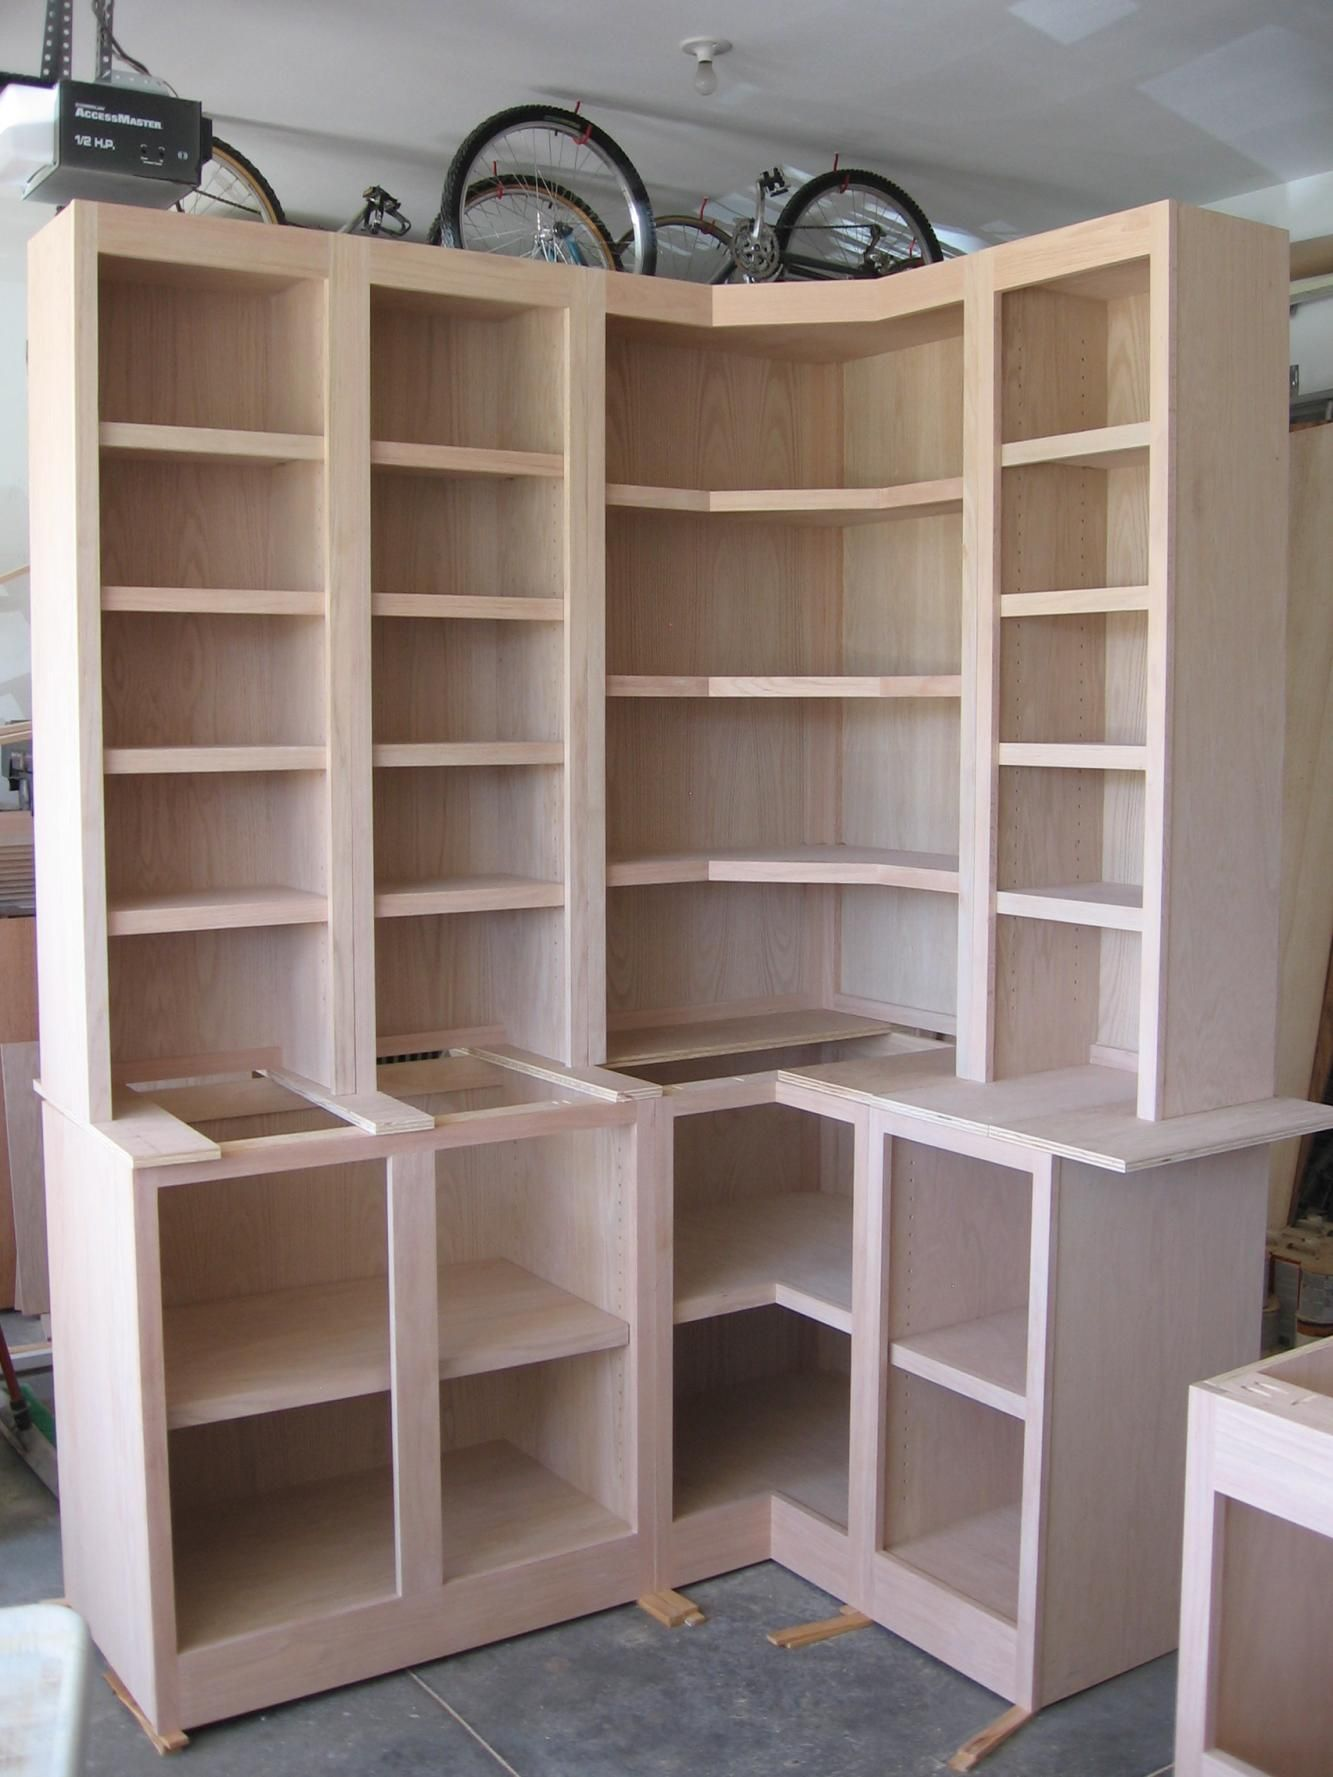 Build a corner bookcase corner wbookcases